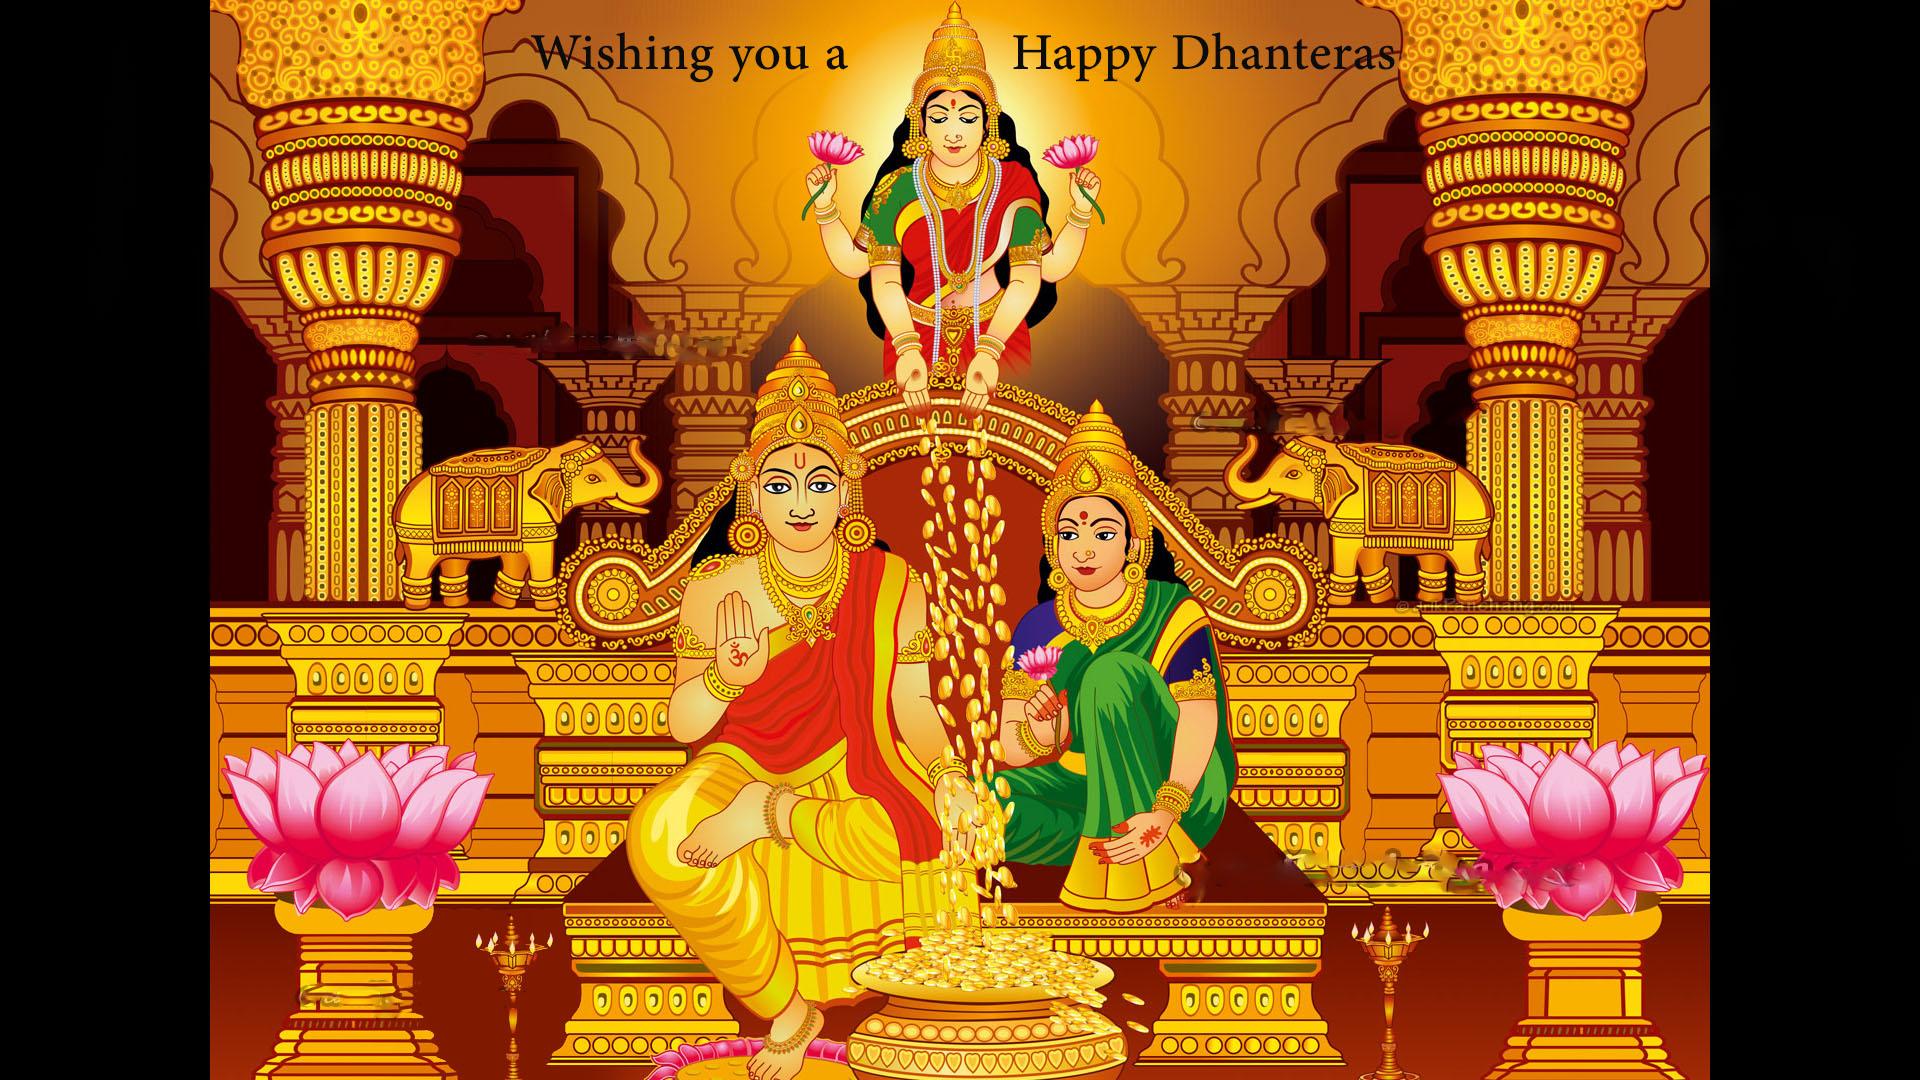 Dhanteras Laxmi Kuber Wallpaper Image